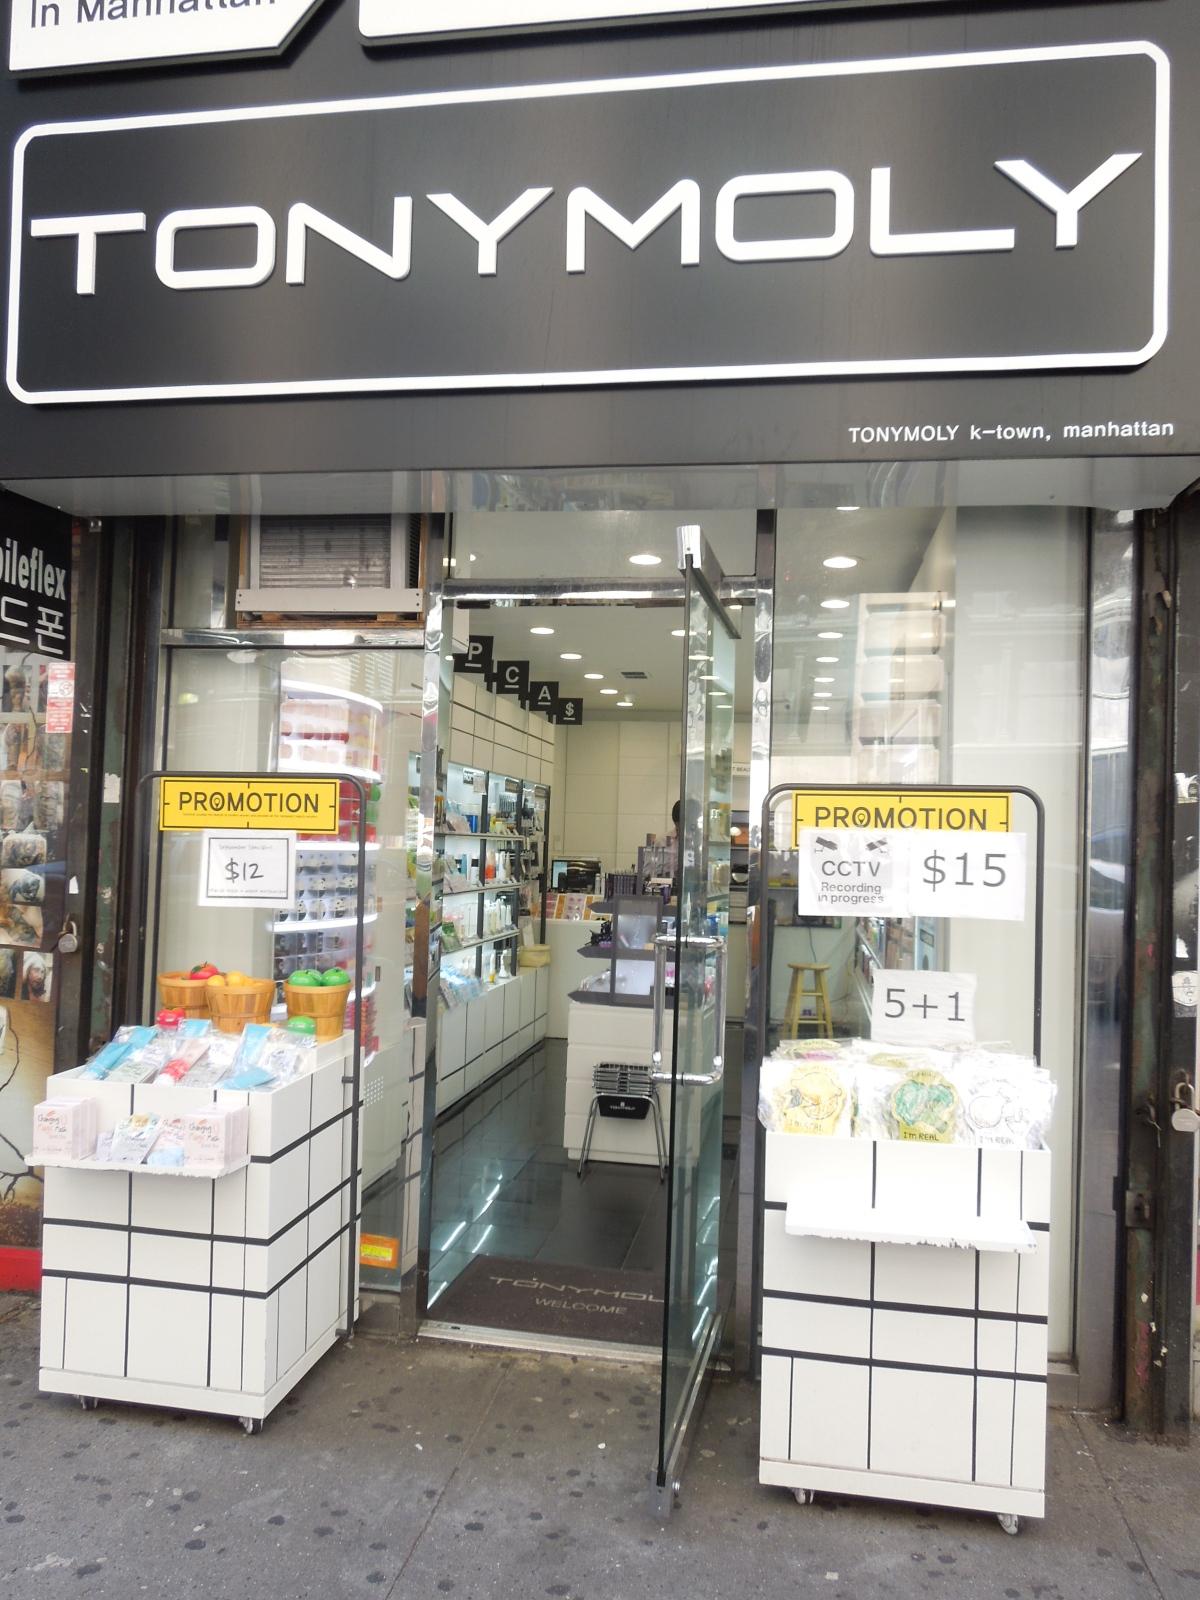 NYC Beauty & Fashion: The Tony MolyStore